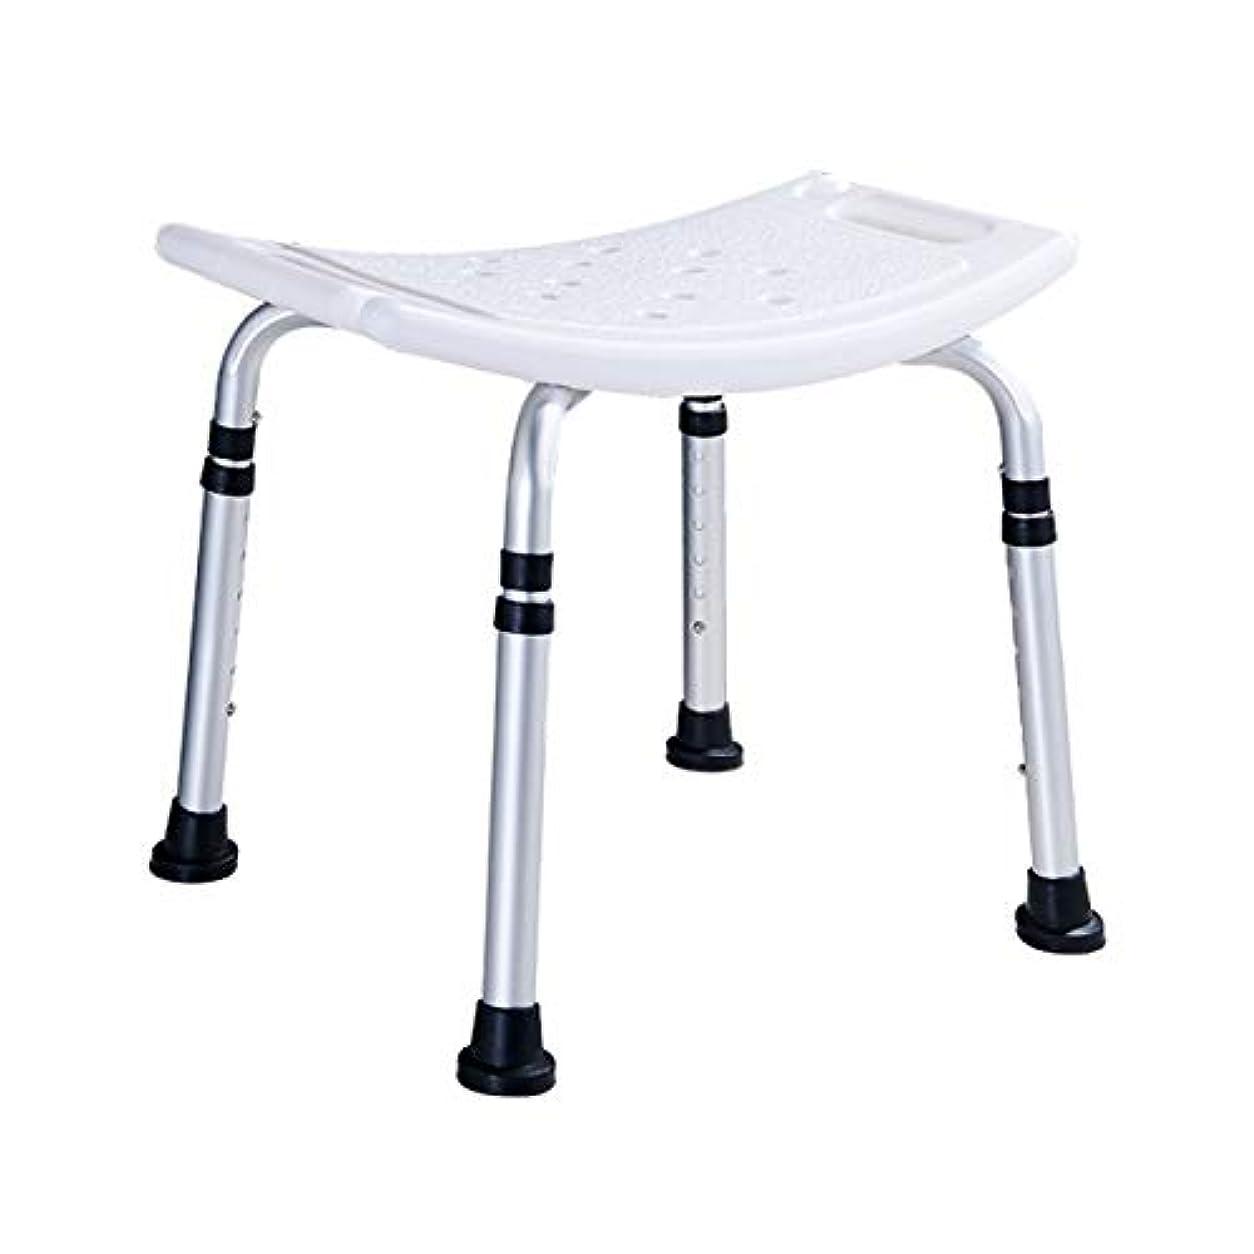 累積迅速移動浴槽/シャワーチェア、高さ調節可能な脚付きバスルームシート、エルゴノミックスツール排水管スリップ成人/高齢者/身体障害者